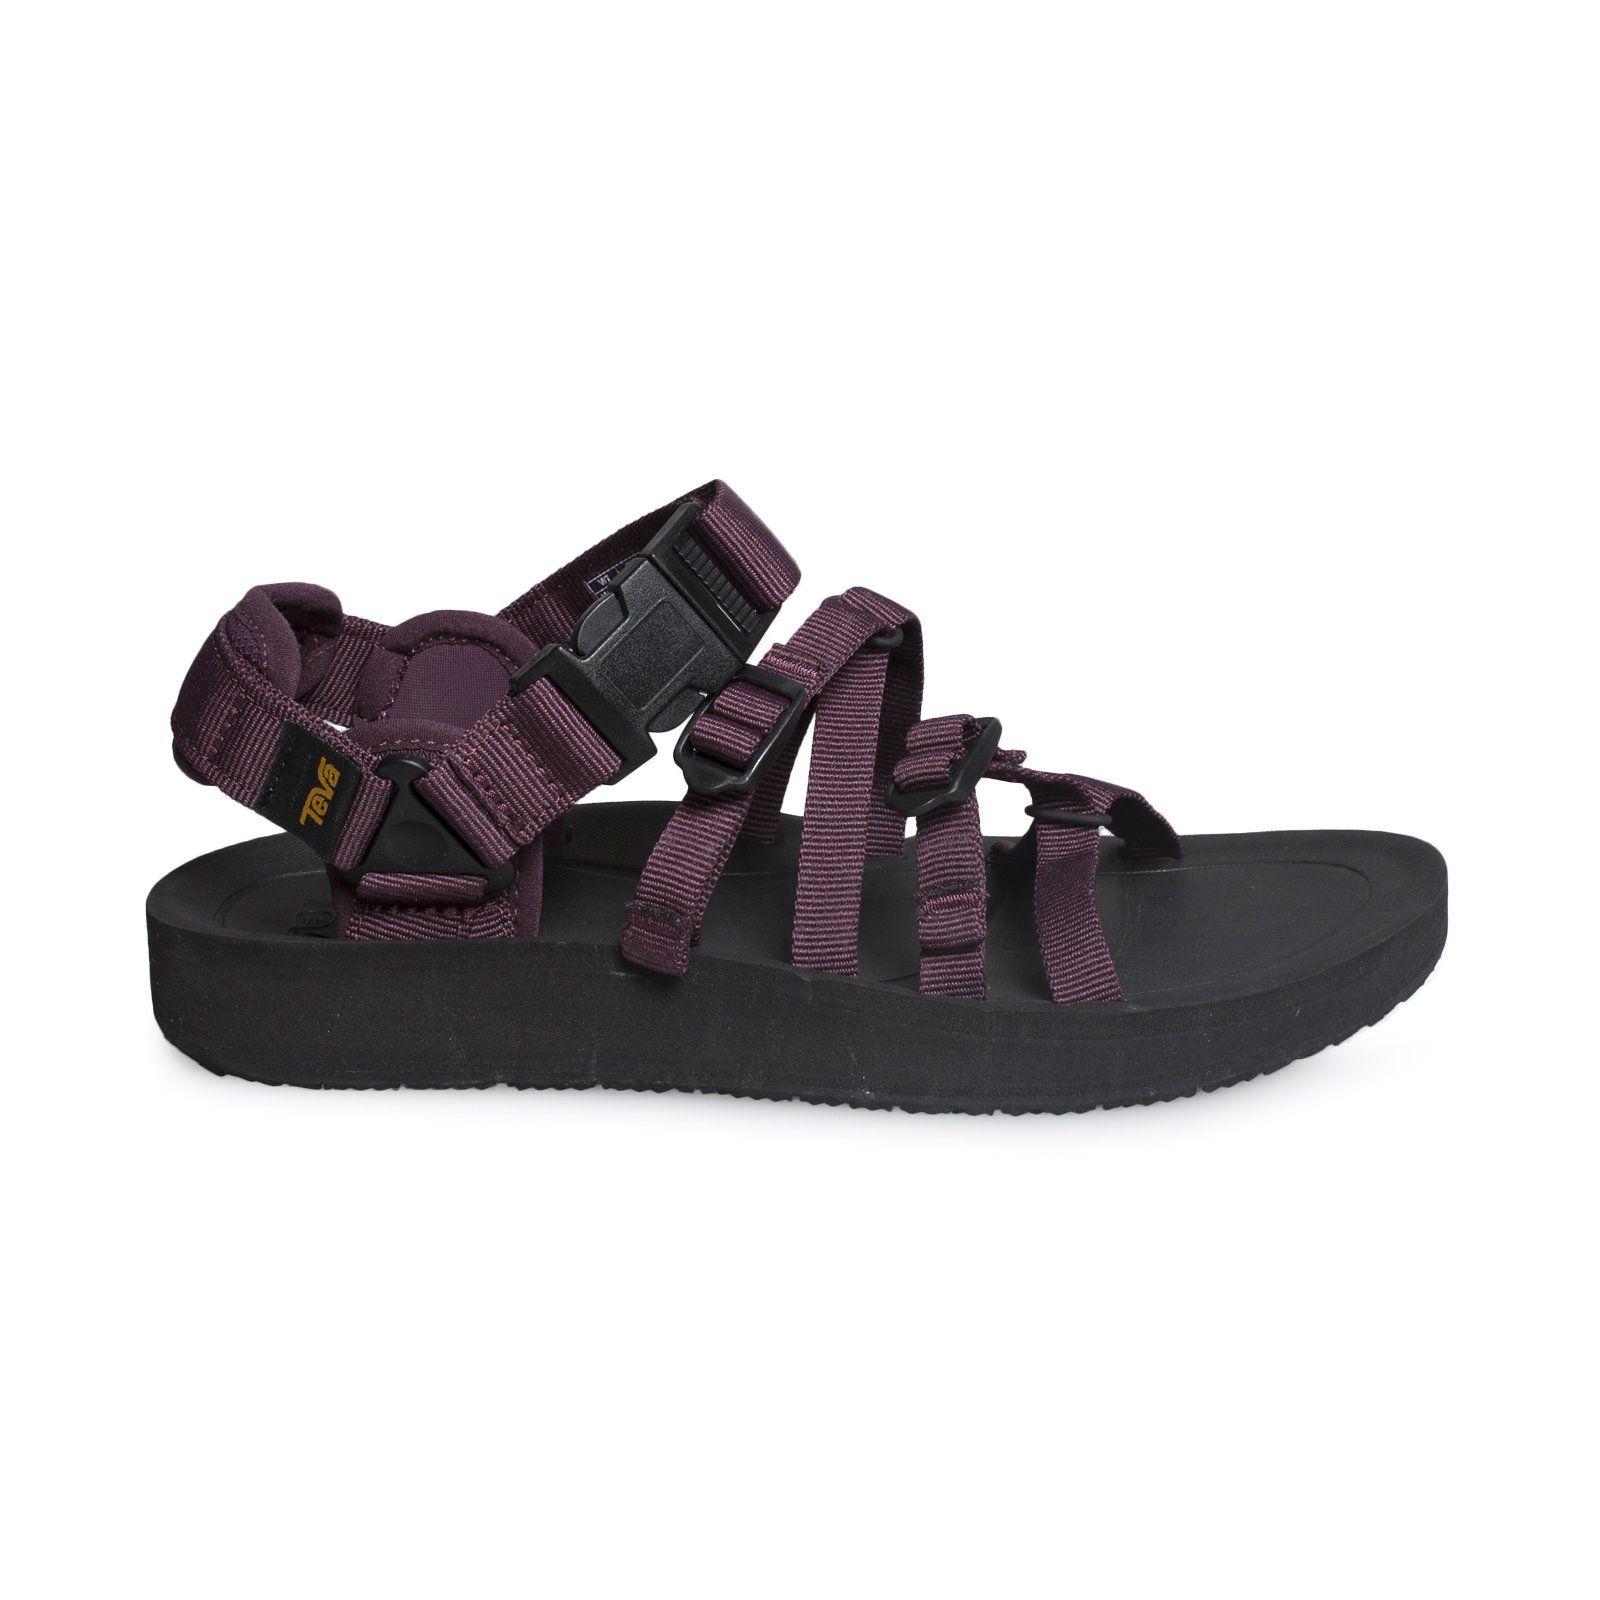 74f258b5f Teva Alp Premier Fig Sandals - Women s